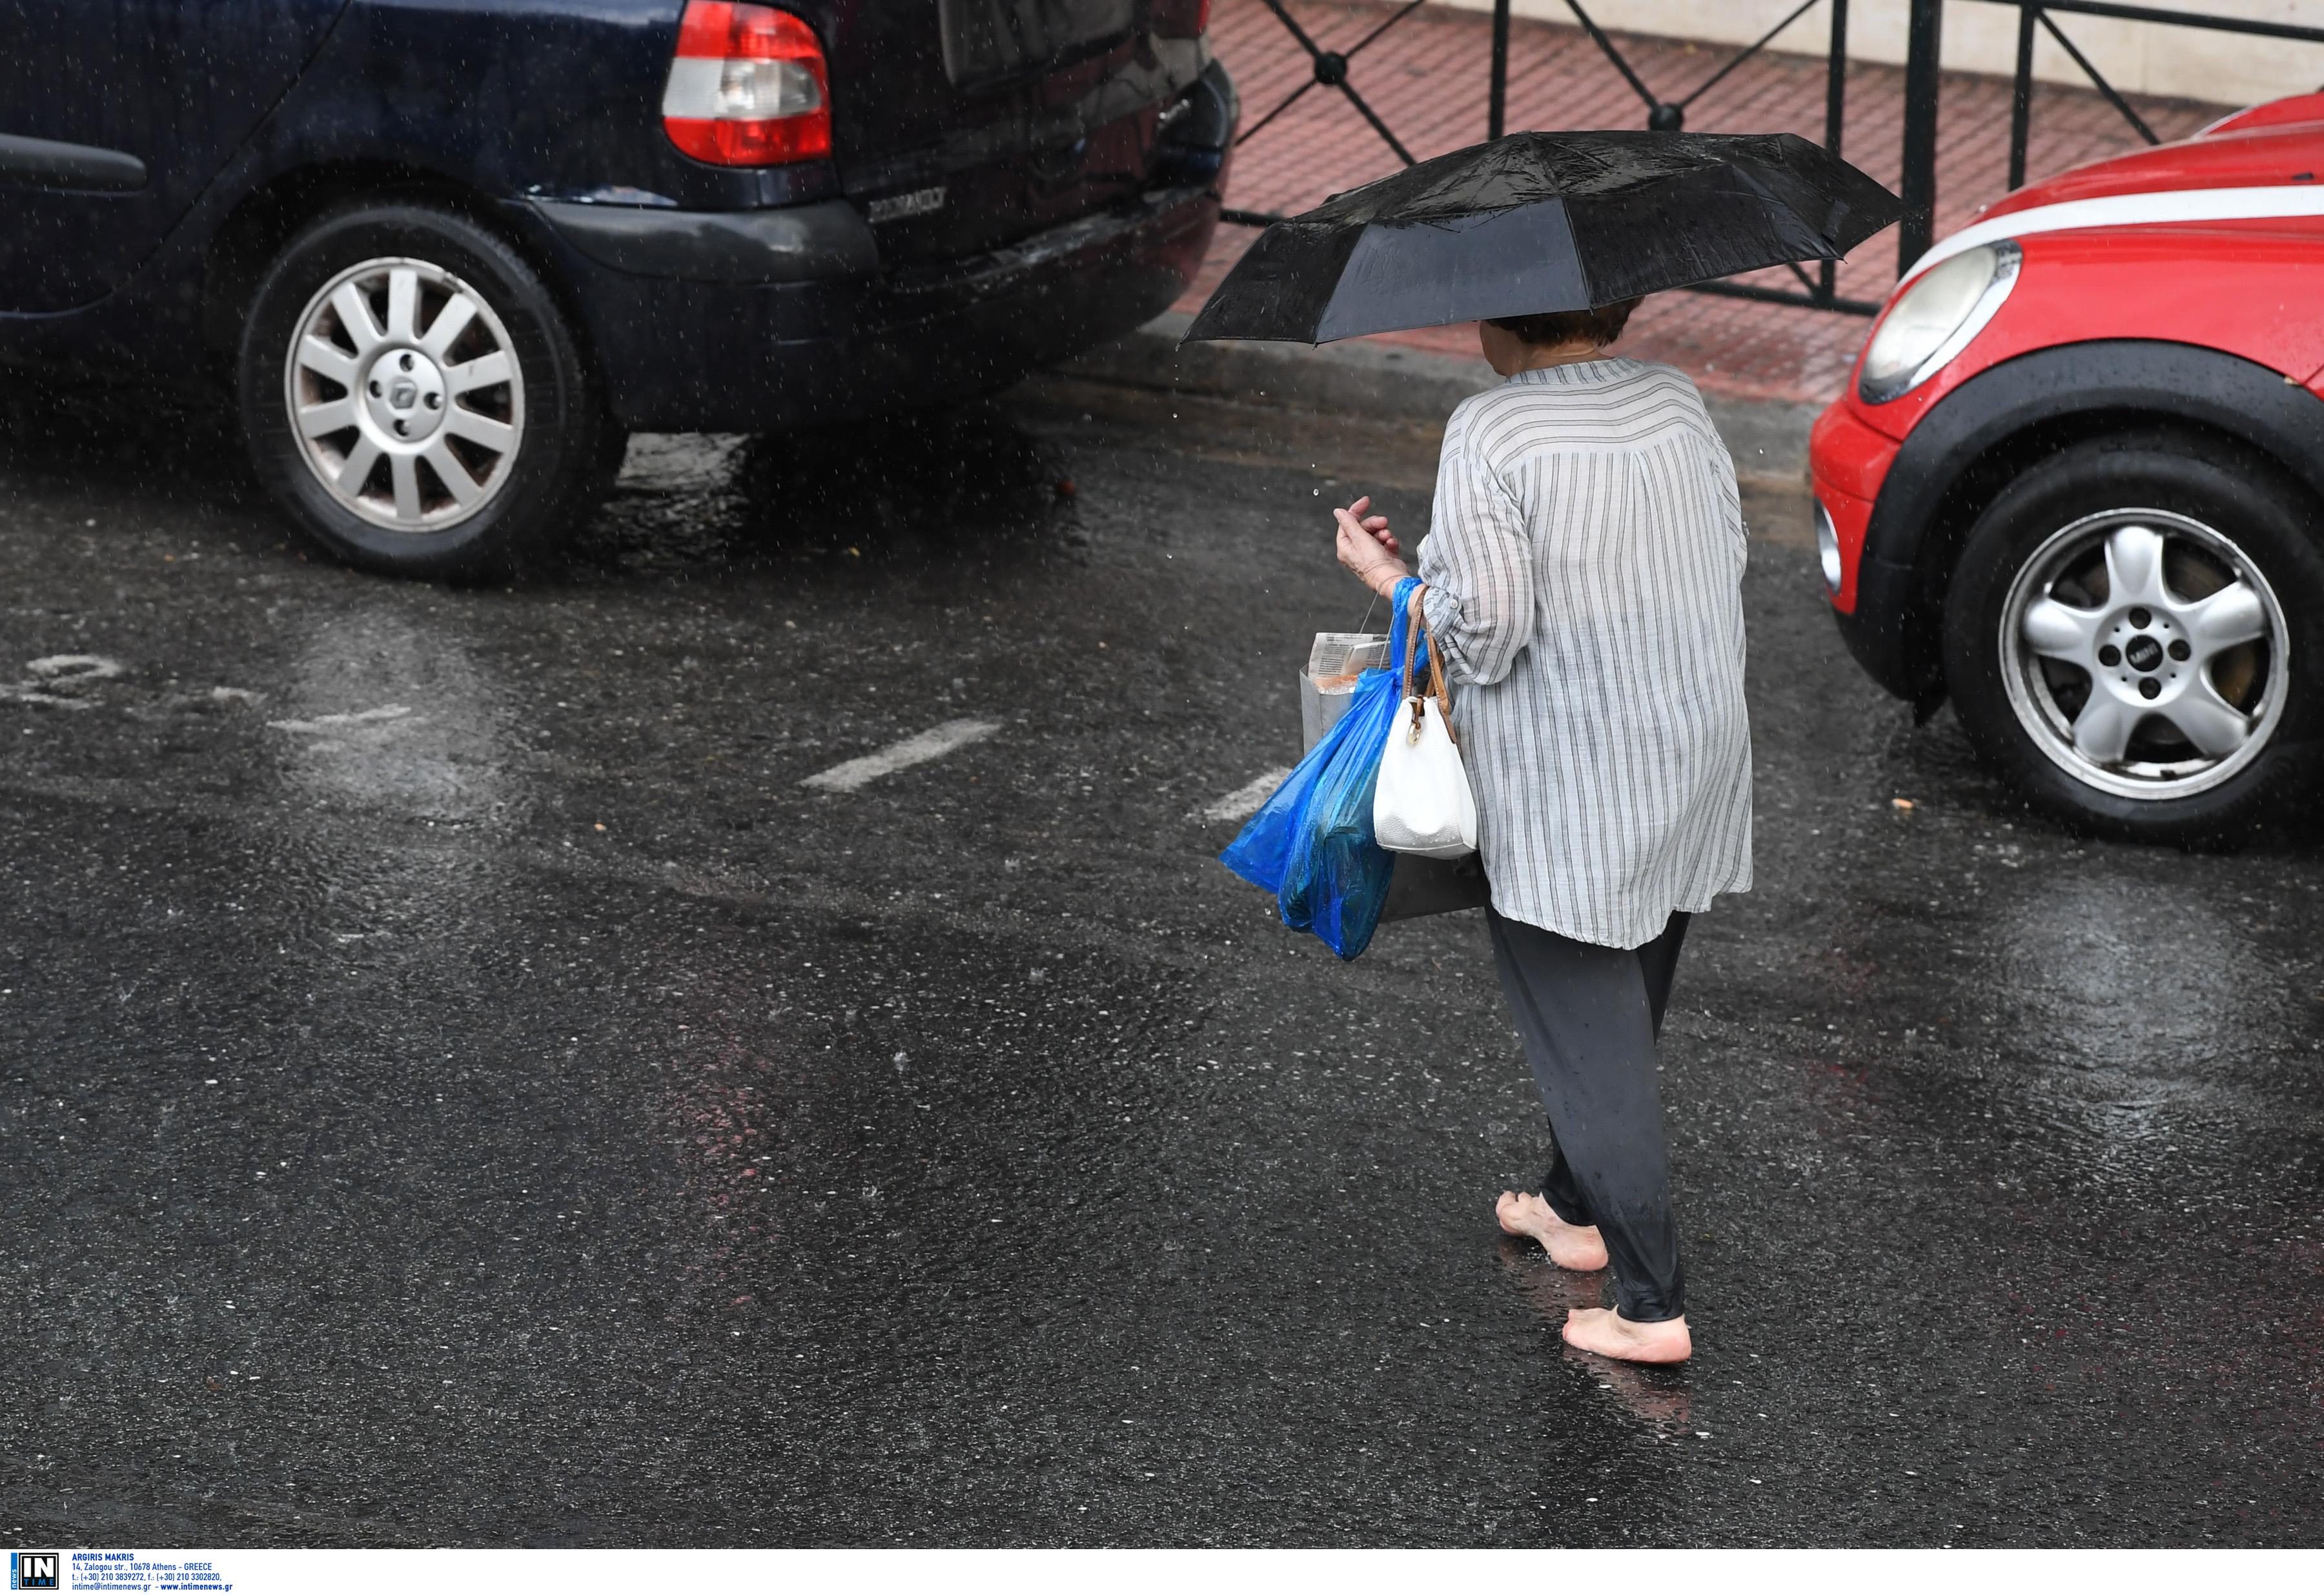 Καιρός σήμερα: Άλλοι στις παραλίες και άλλοι με ομπρέλες!